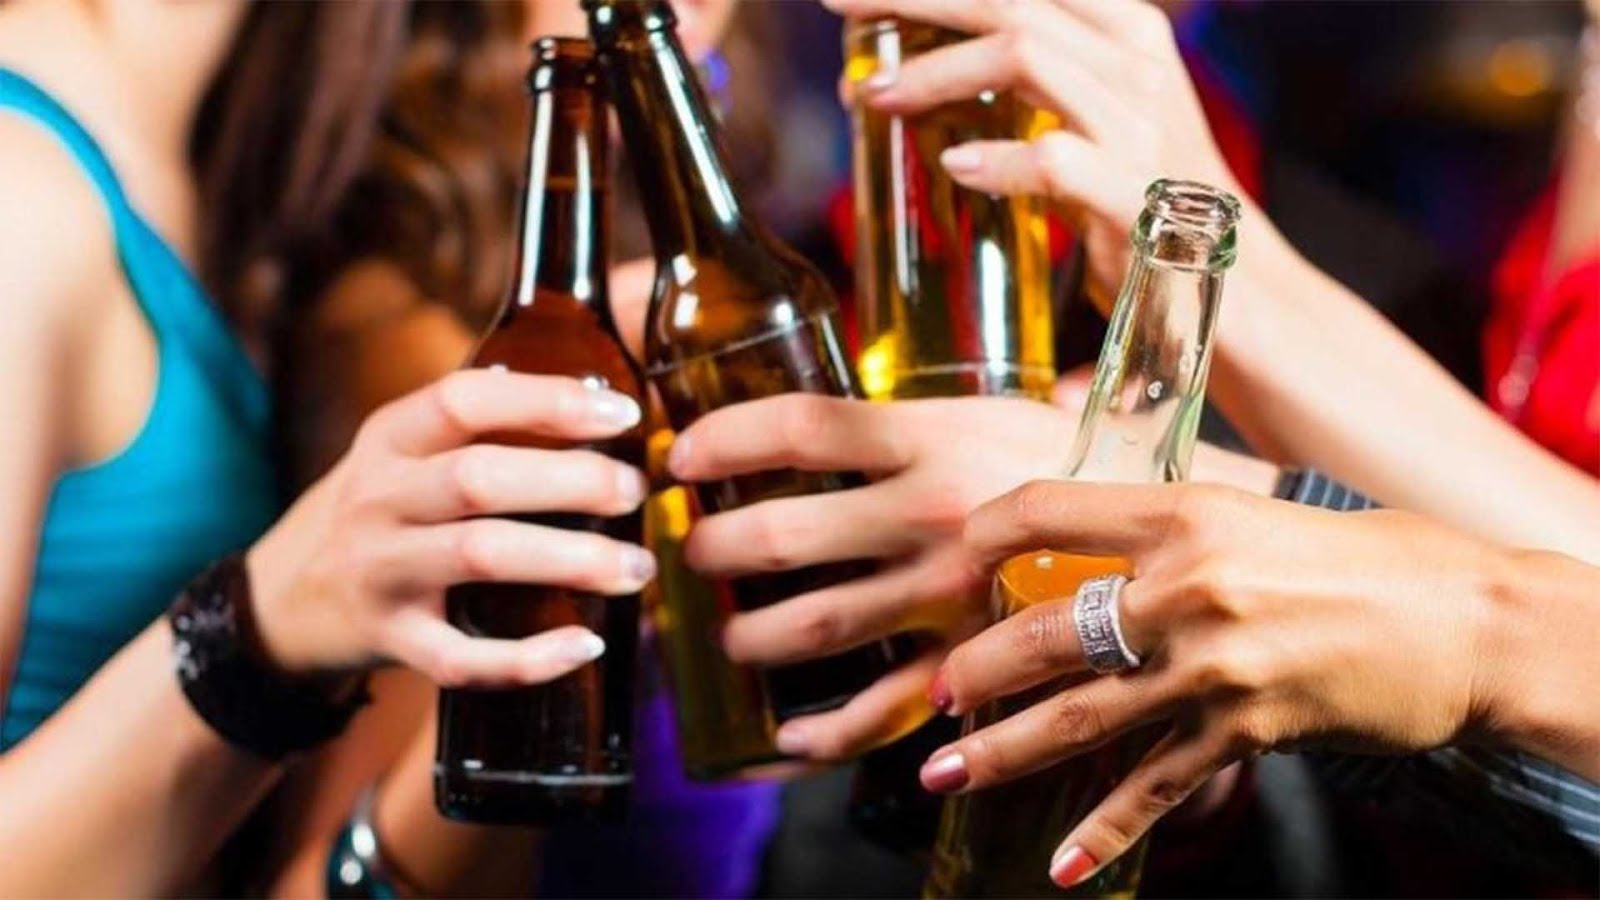 La venta de alcohol a menores ya no será delito. FOTO: Especial